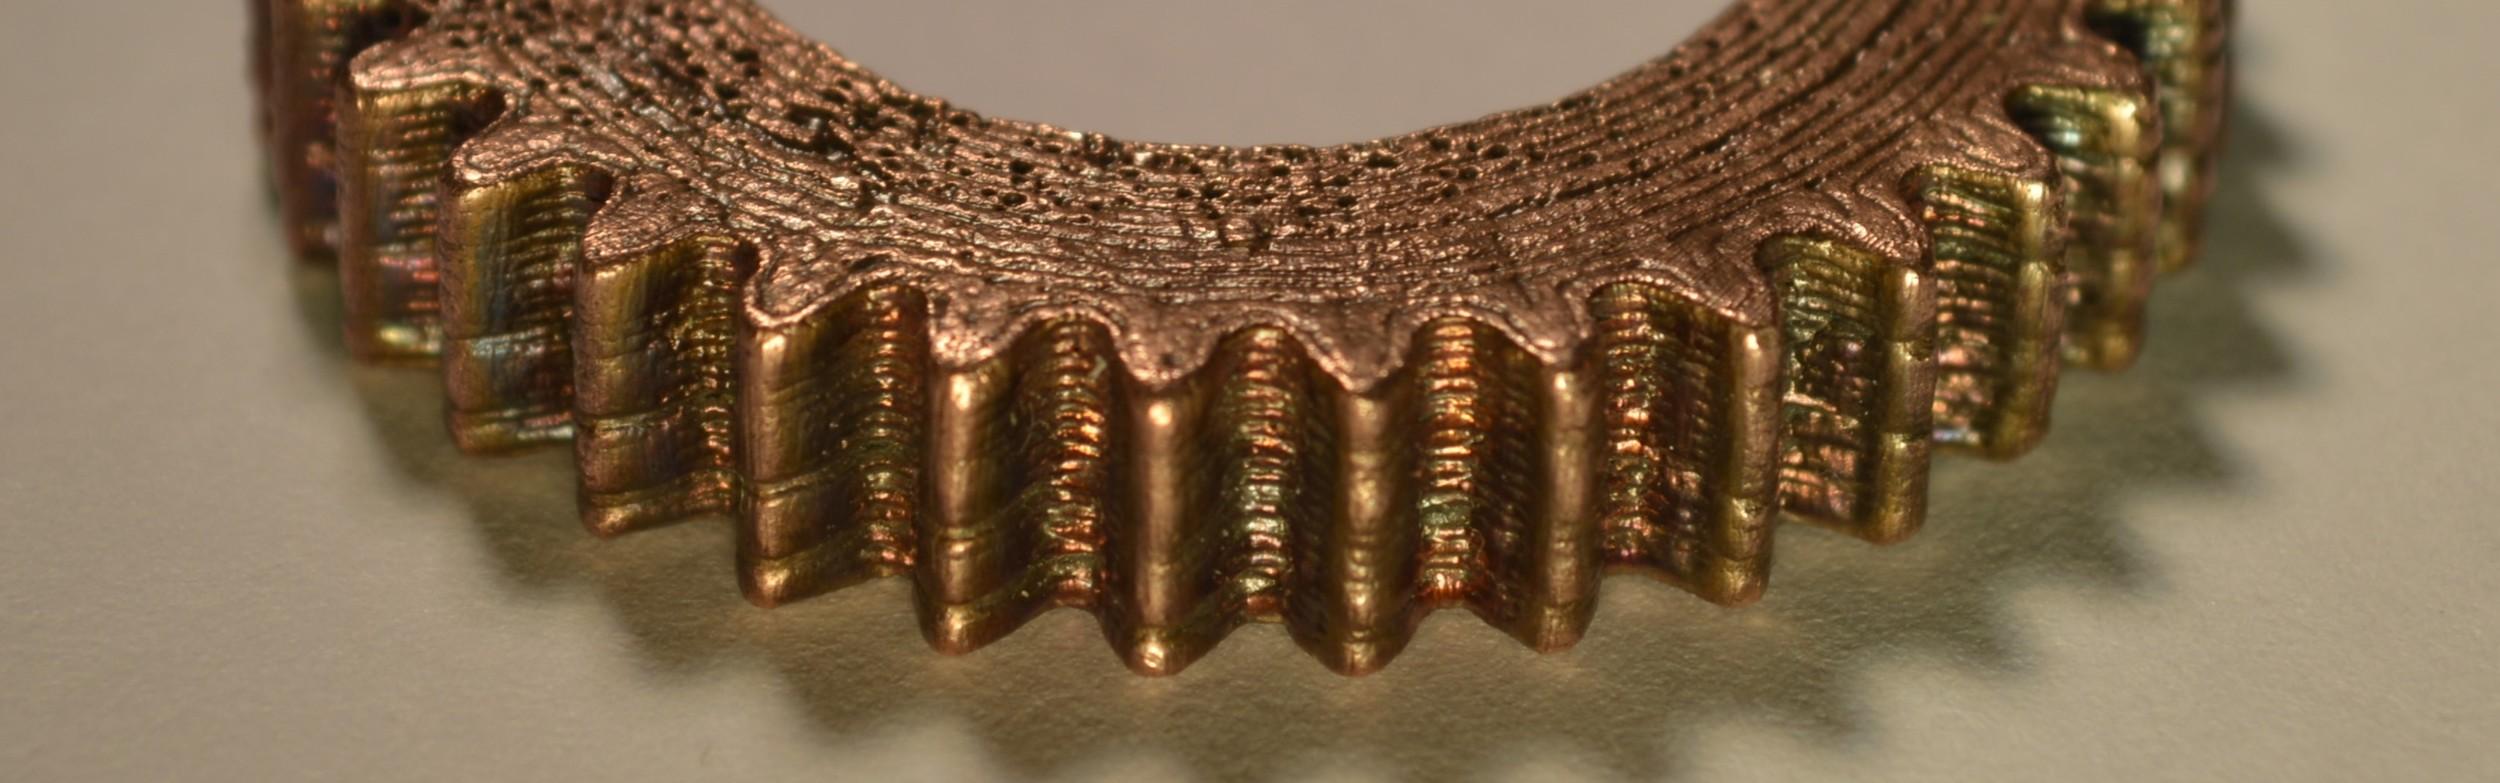 Pure Copper Gear